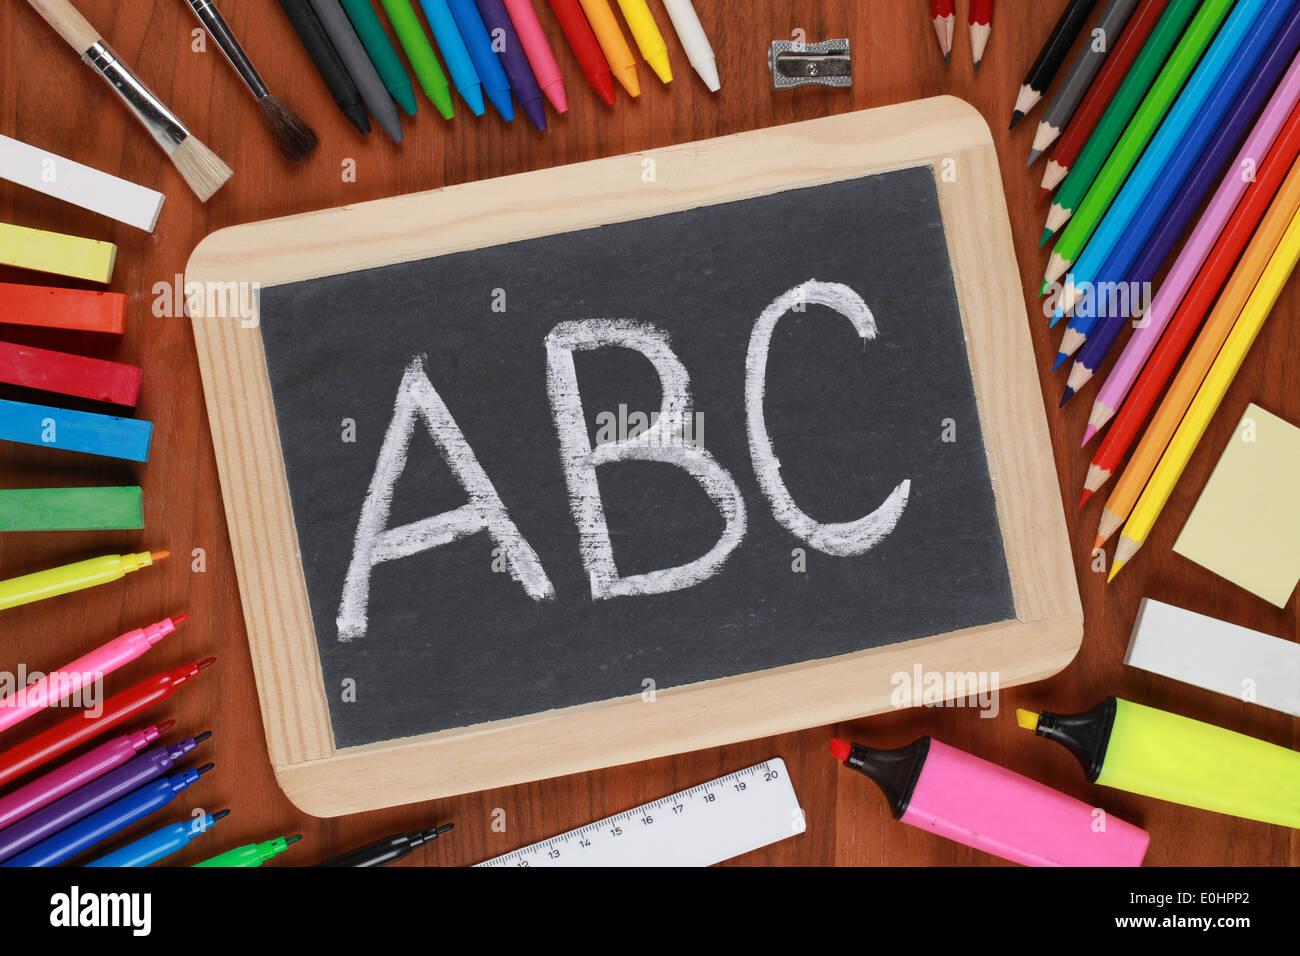 Las letras ABC sobre una pizarra en la escuela Imagen De Stock